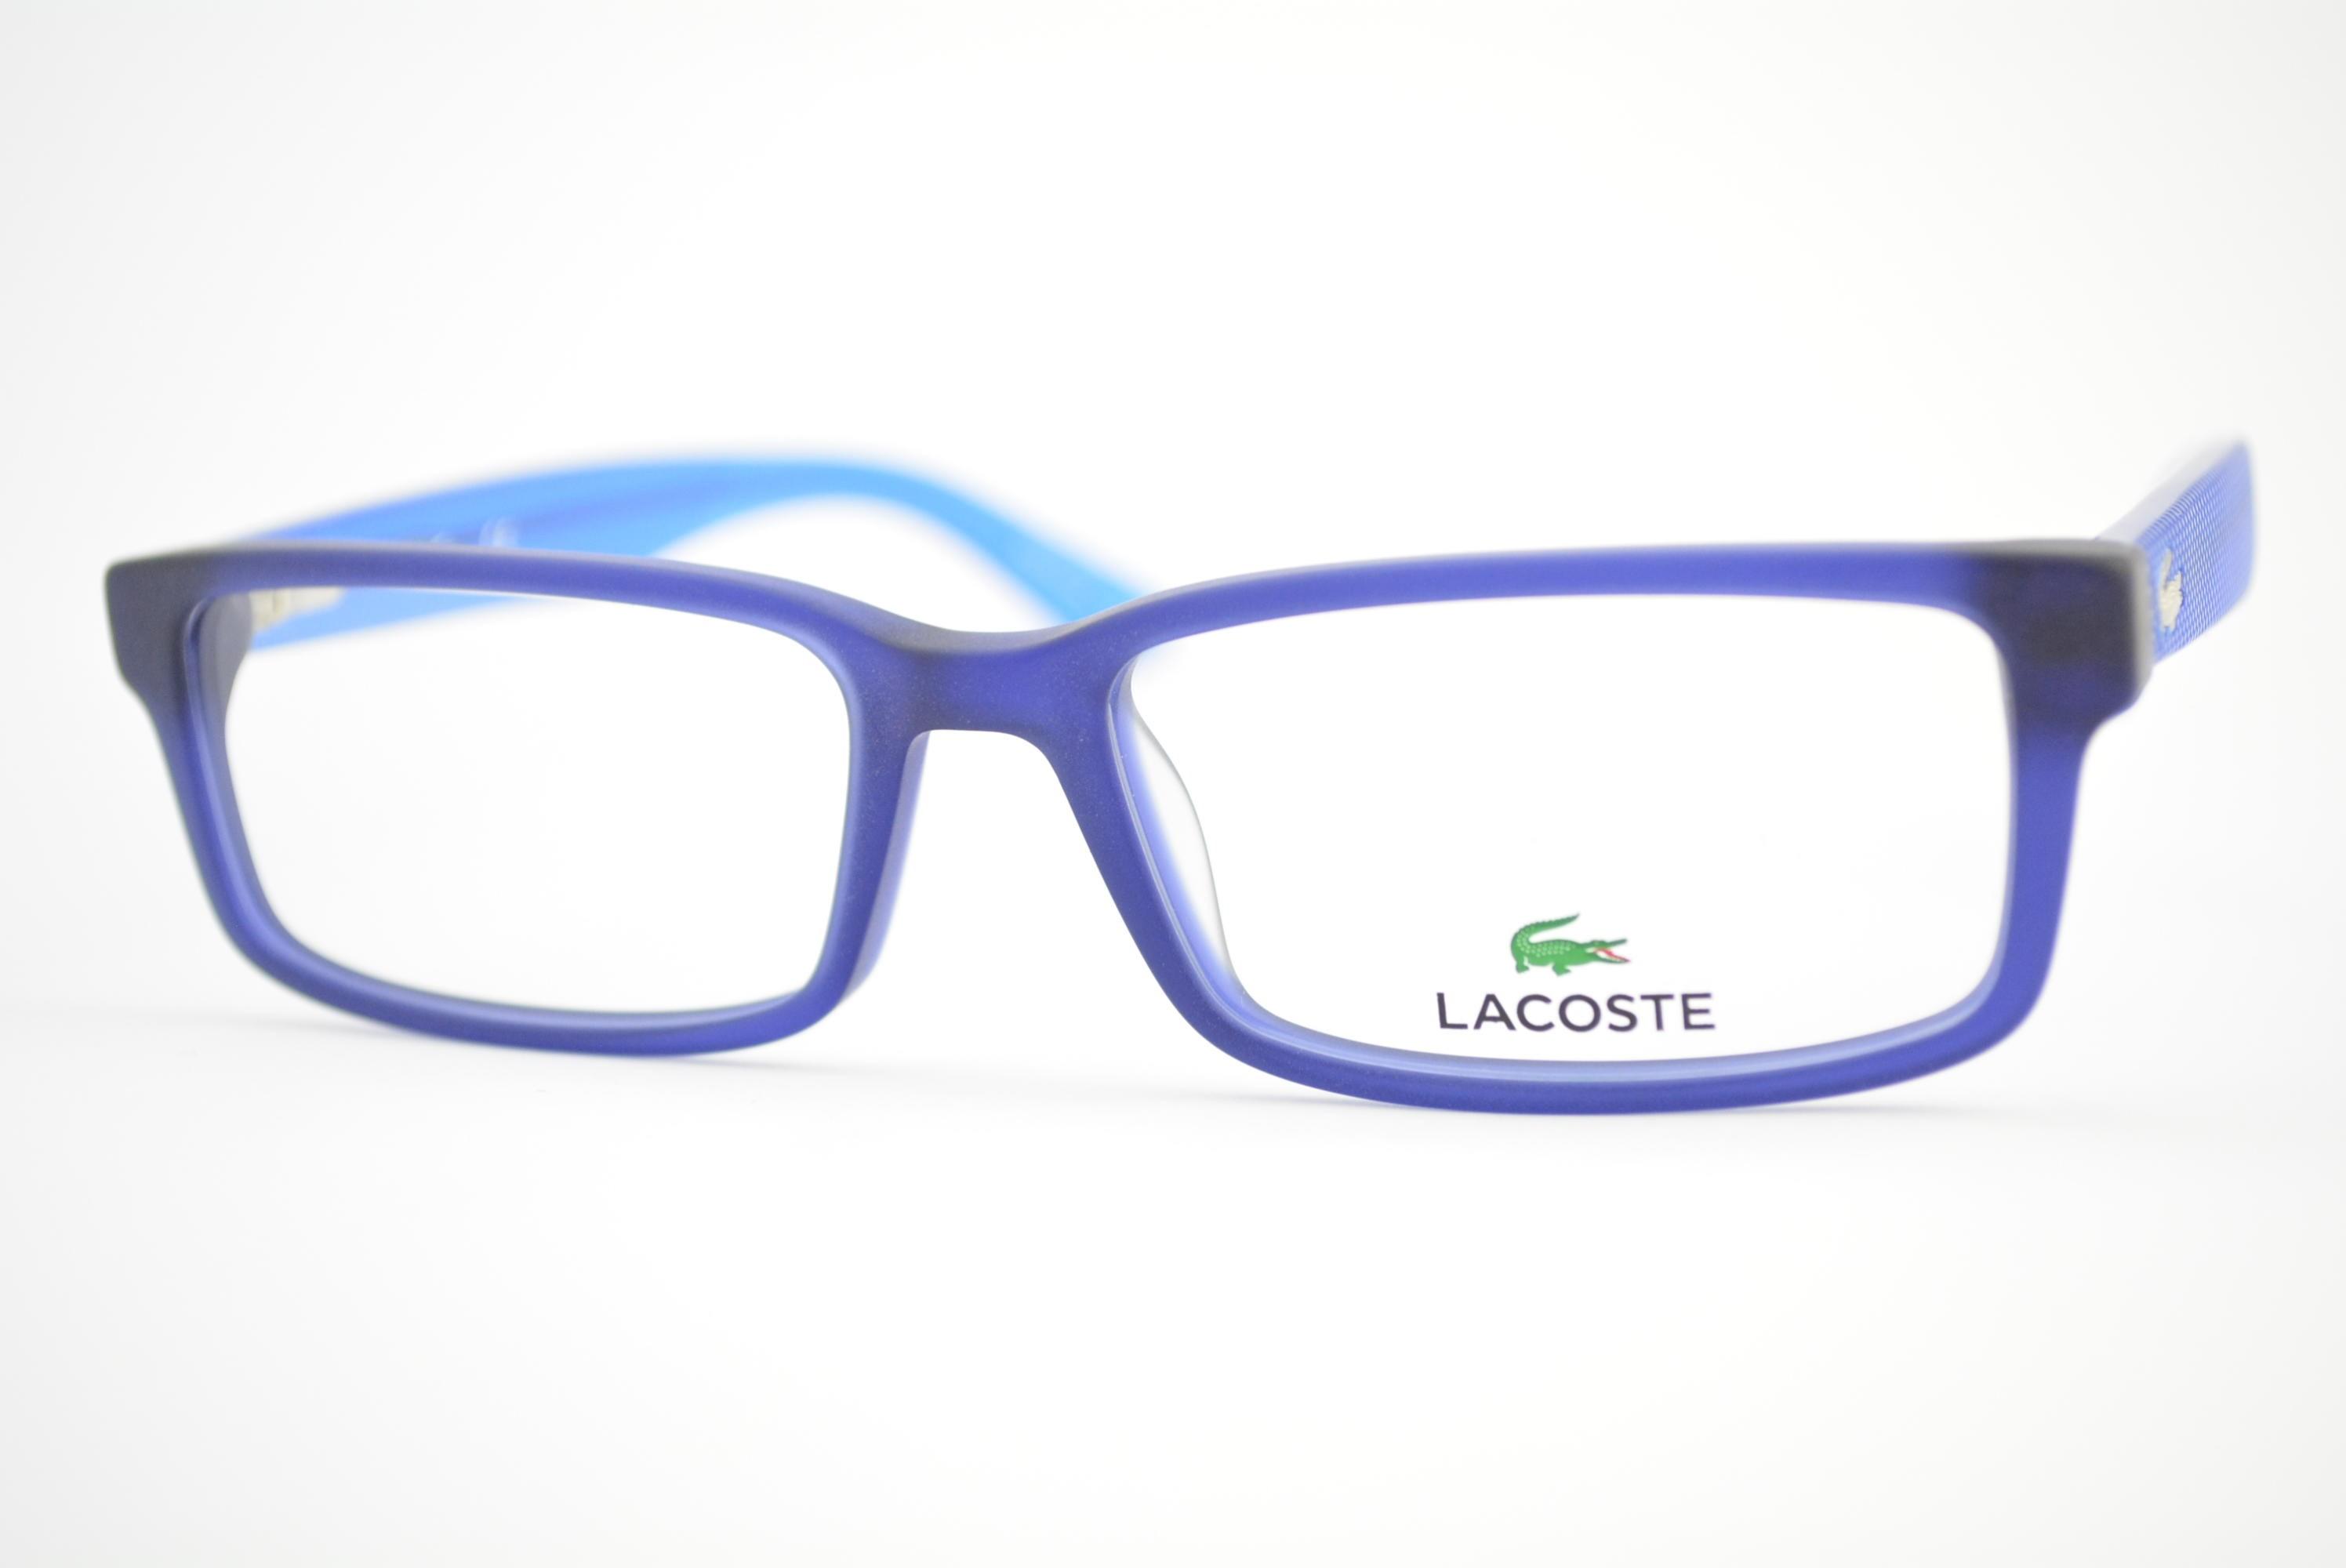 armação de óculos Lacoste mod L2685 424 Ótica Cardoso 9f4390e488